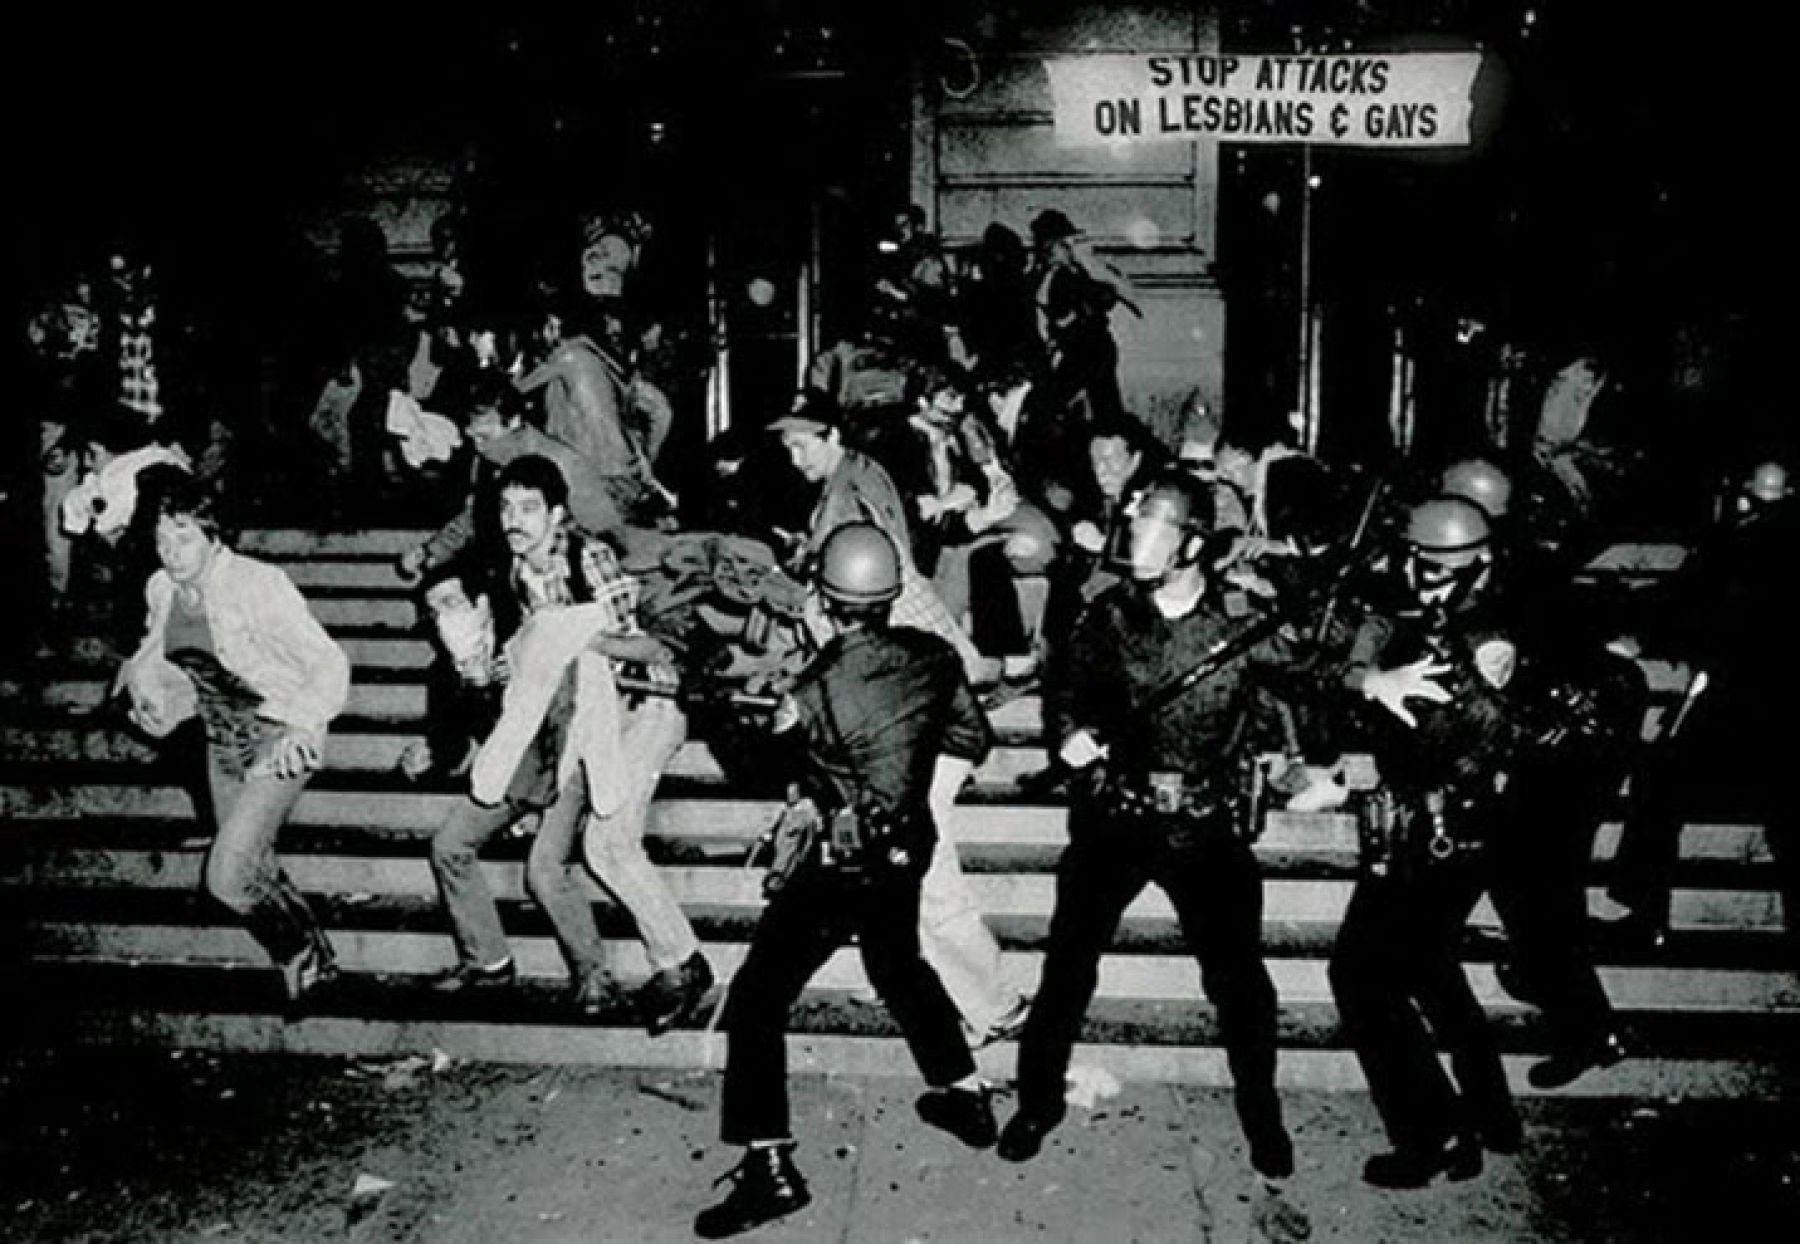 Stonewall Riots schwarz weiß blackandwhite